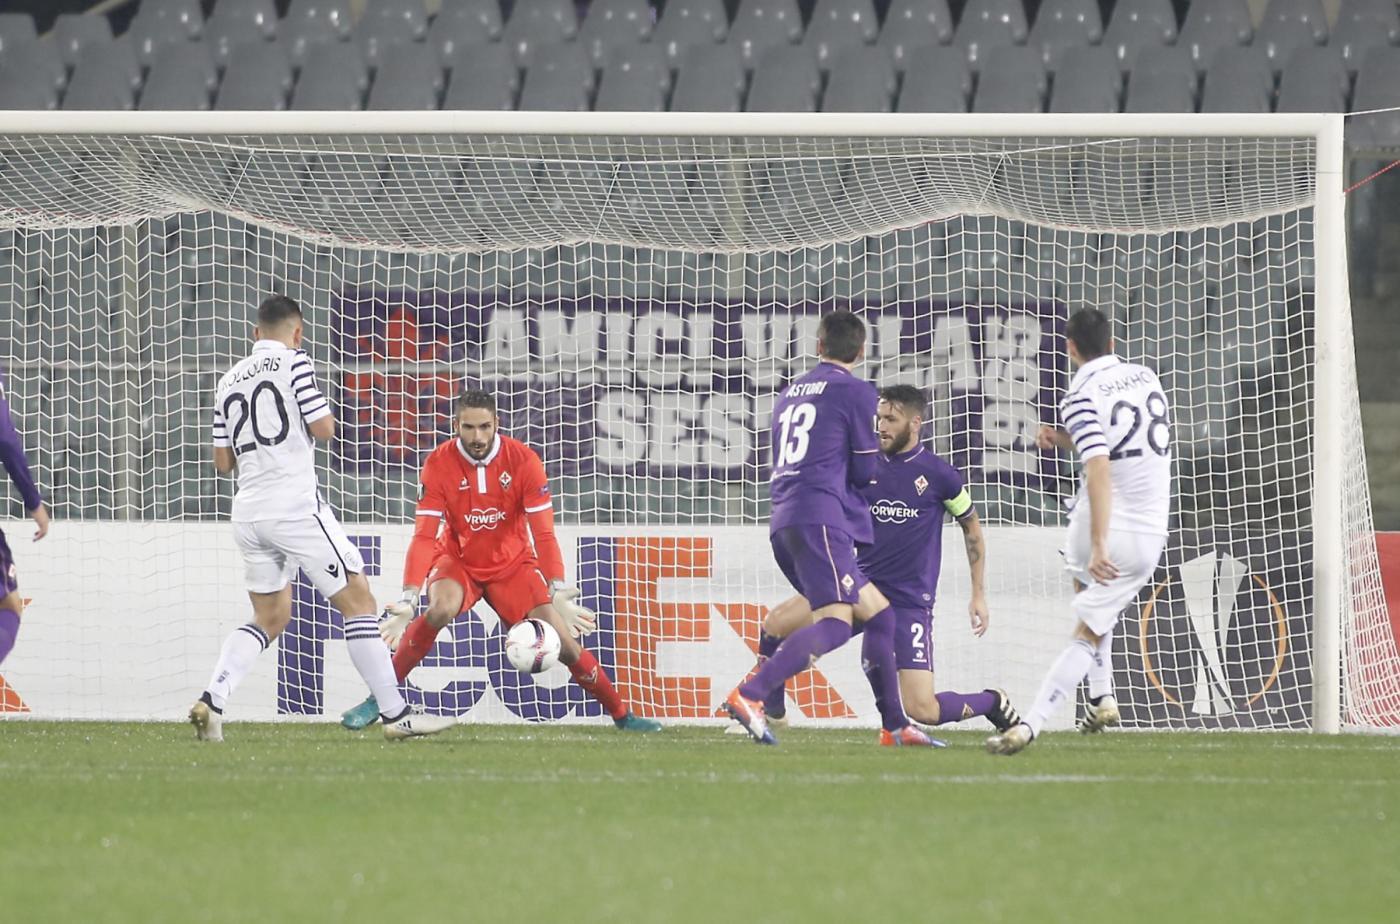 Europa League: Fiorentina beffata al 93'